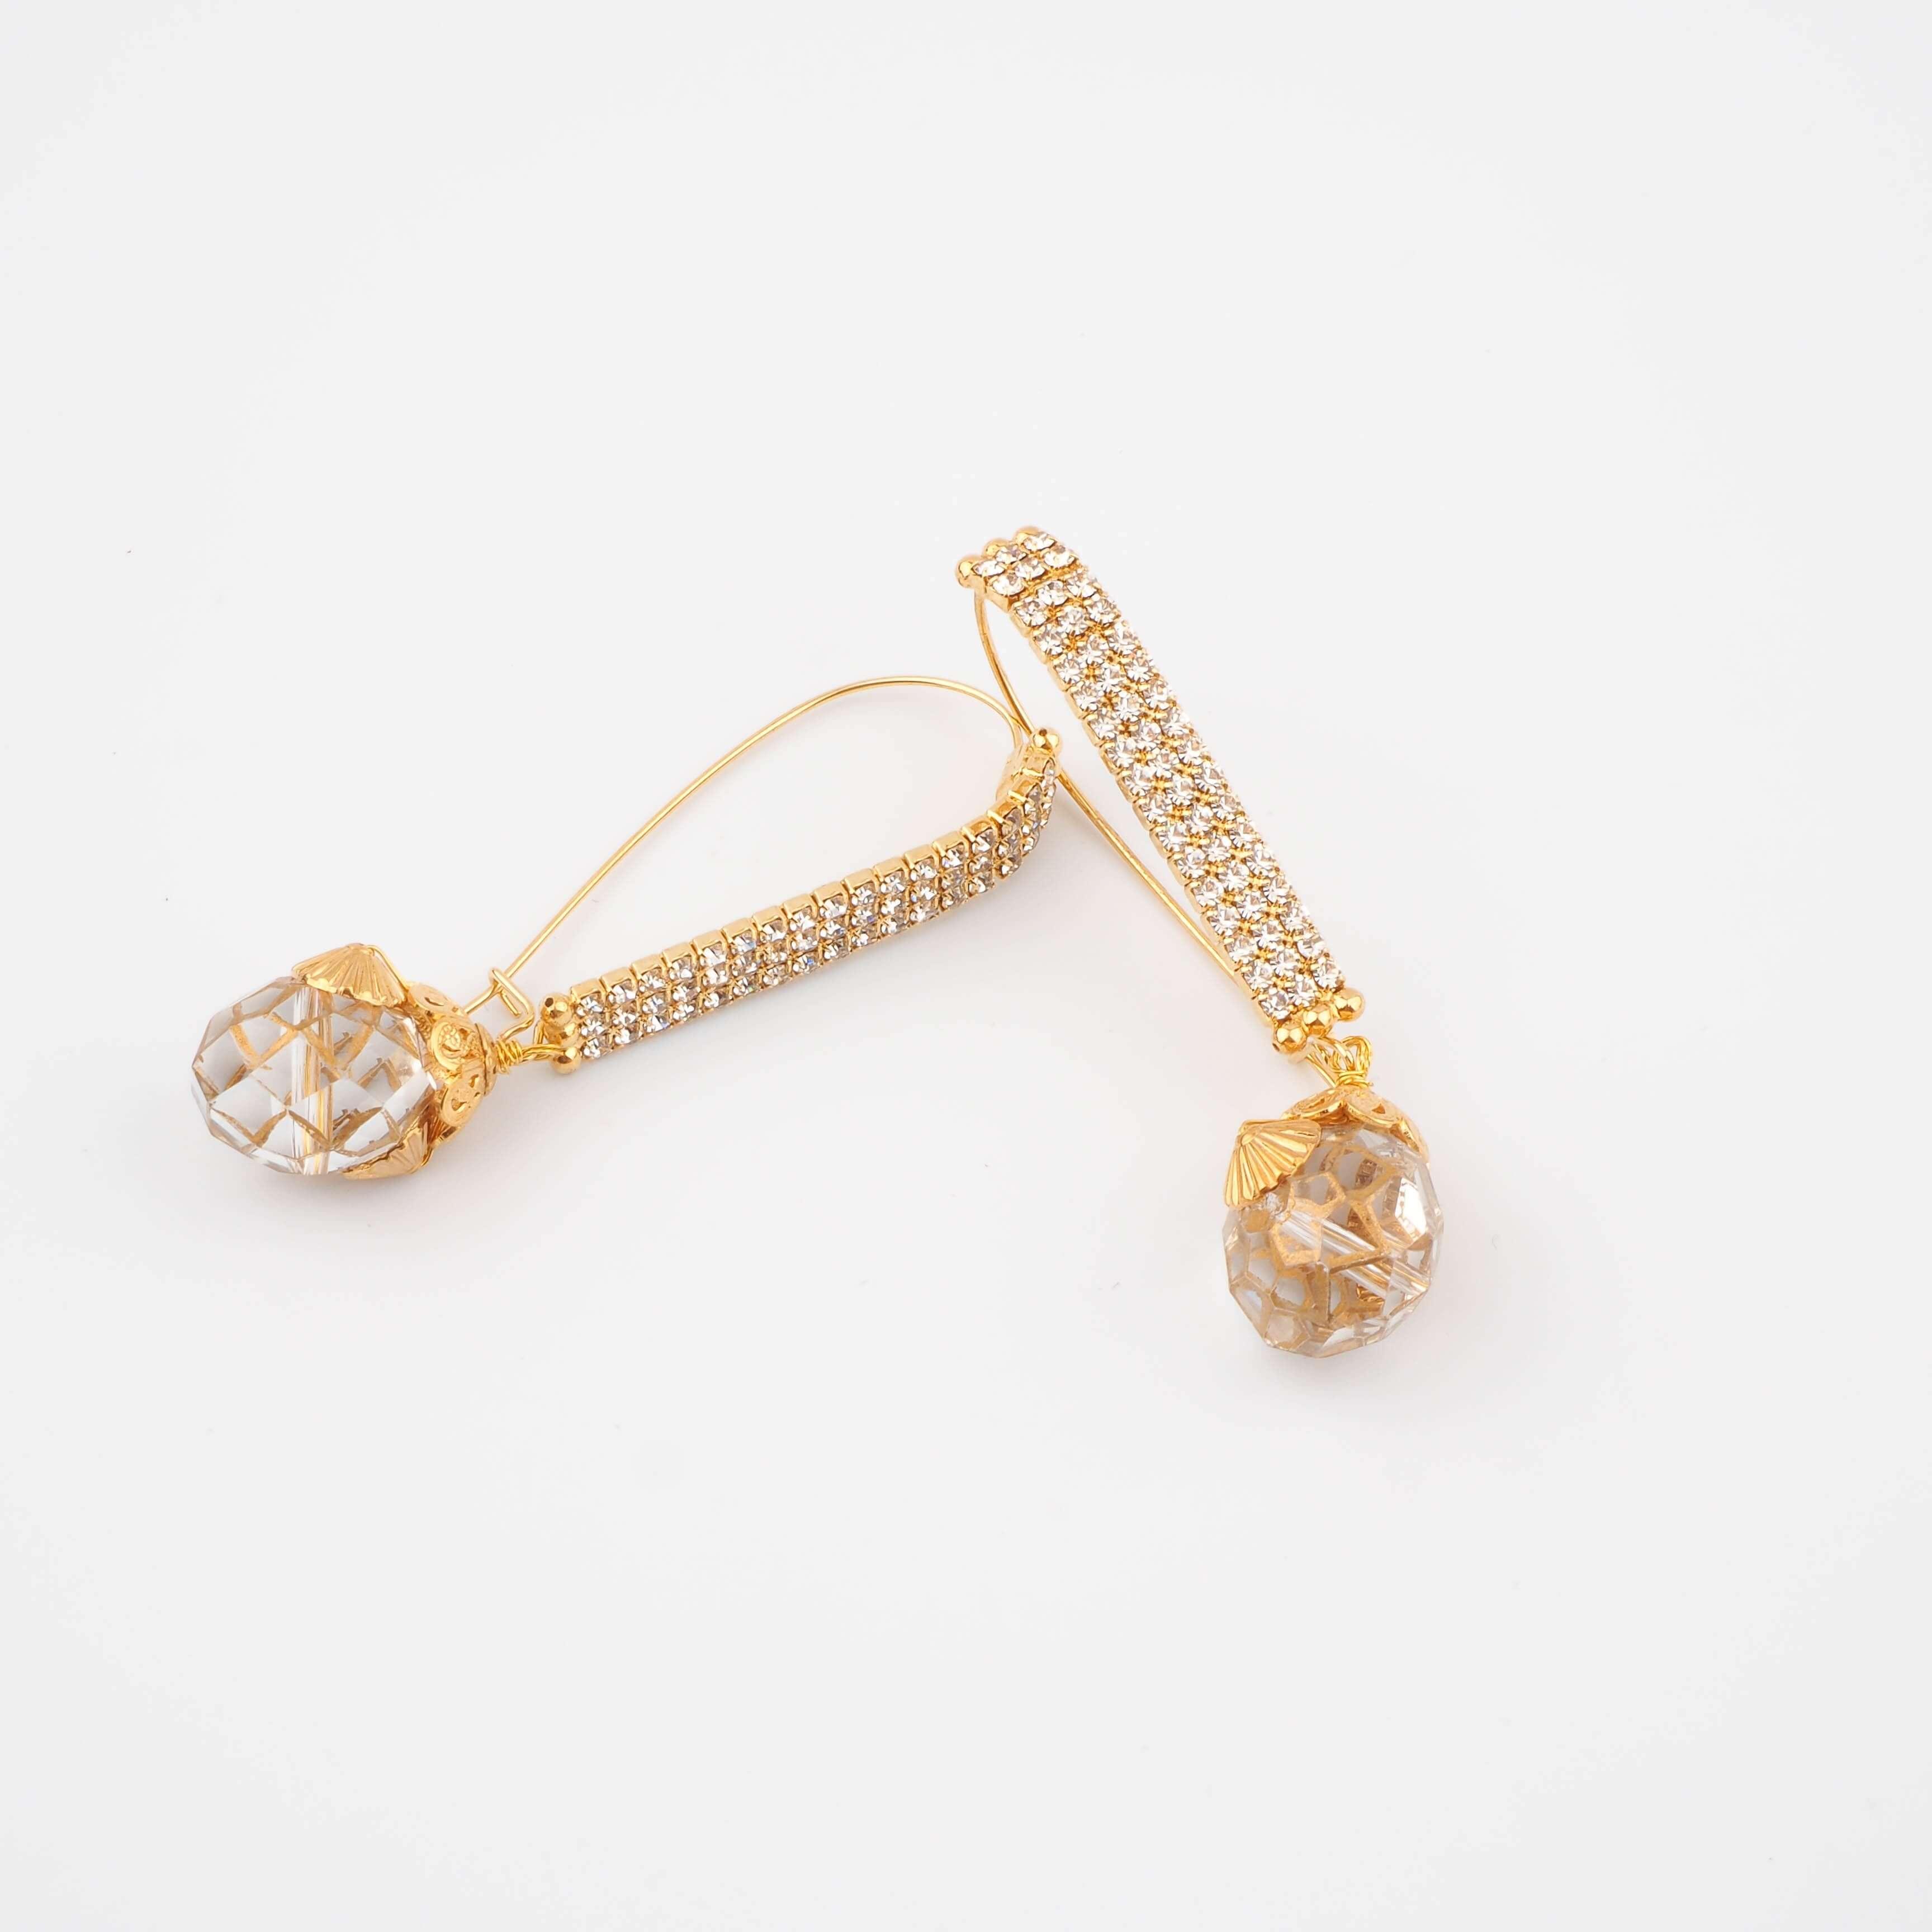 Boucles d'oreilles Margaret - Gas bijoux